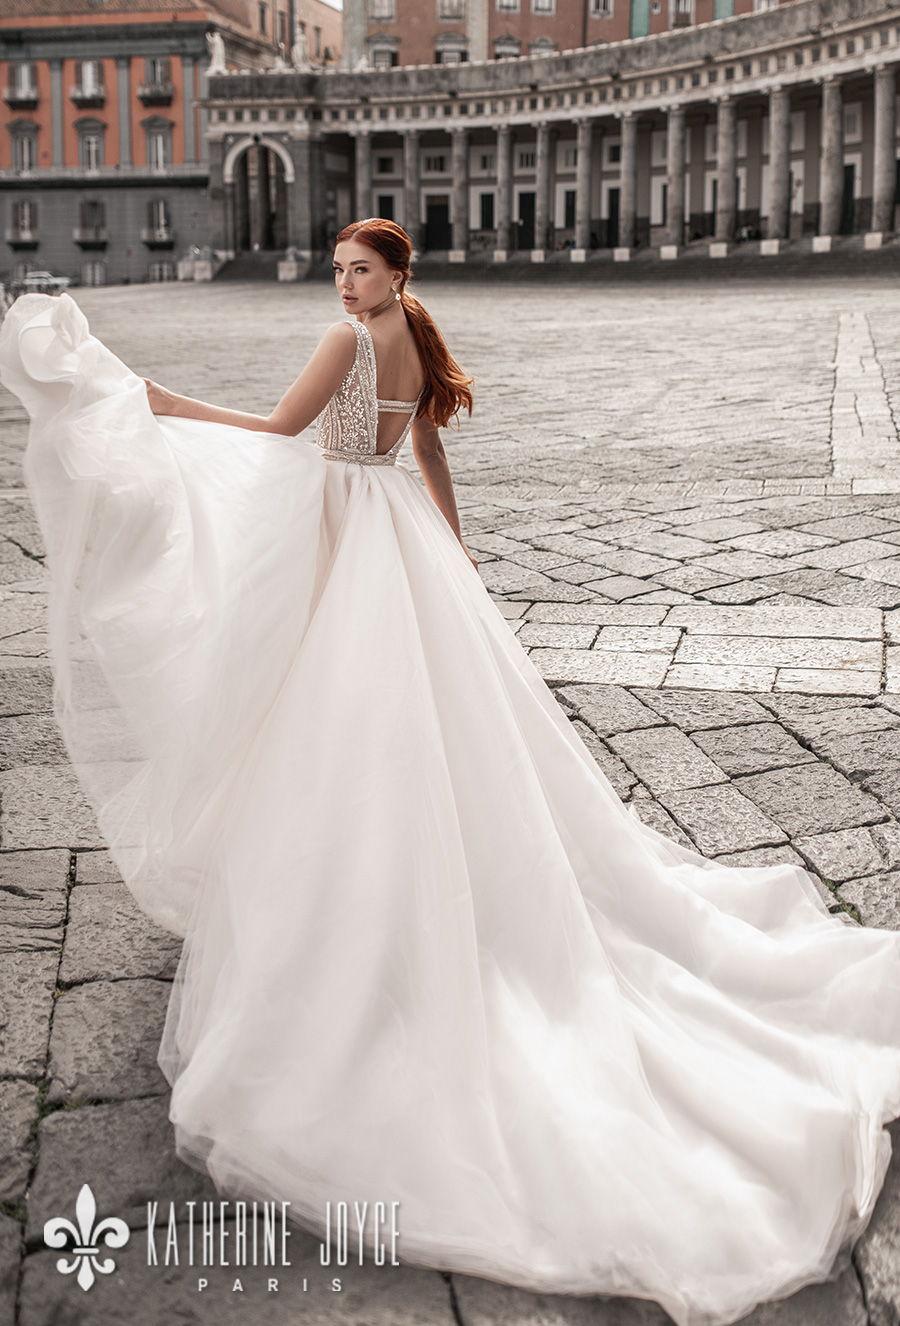 katherine joyce 2021 naples bridal sleeveless deep v neck full embellishment glitter glamorous elegant gold sheath wedding dress a line overskirt v back chapel train (sirena) bv